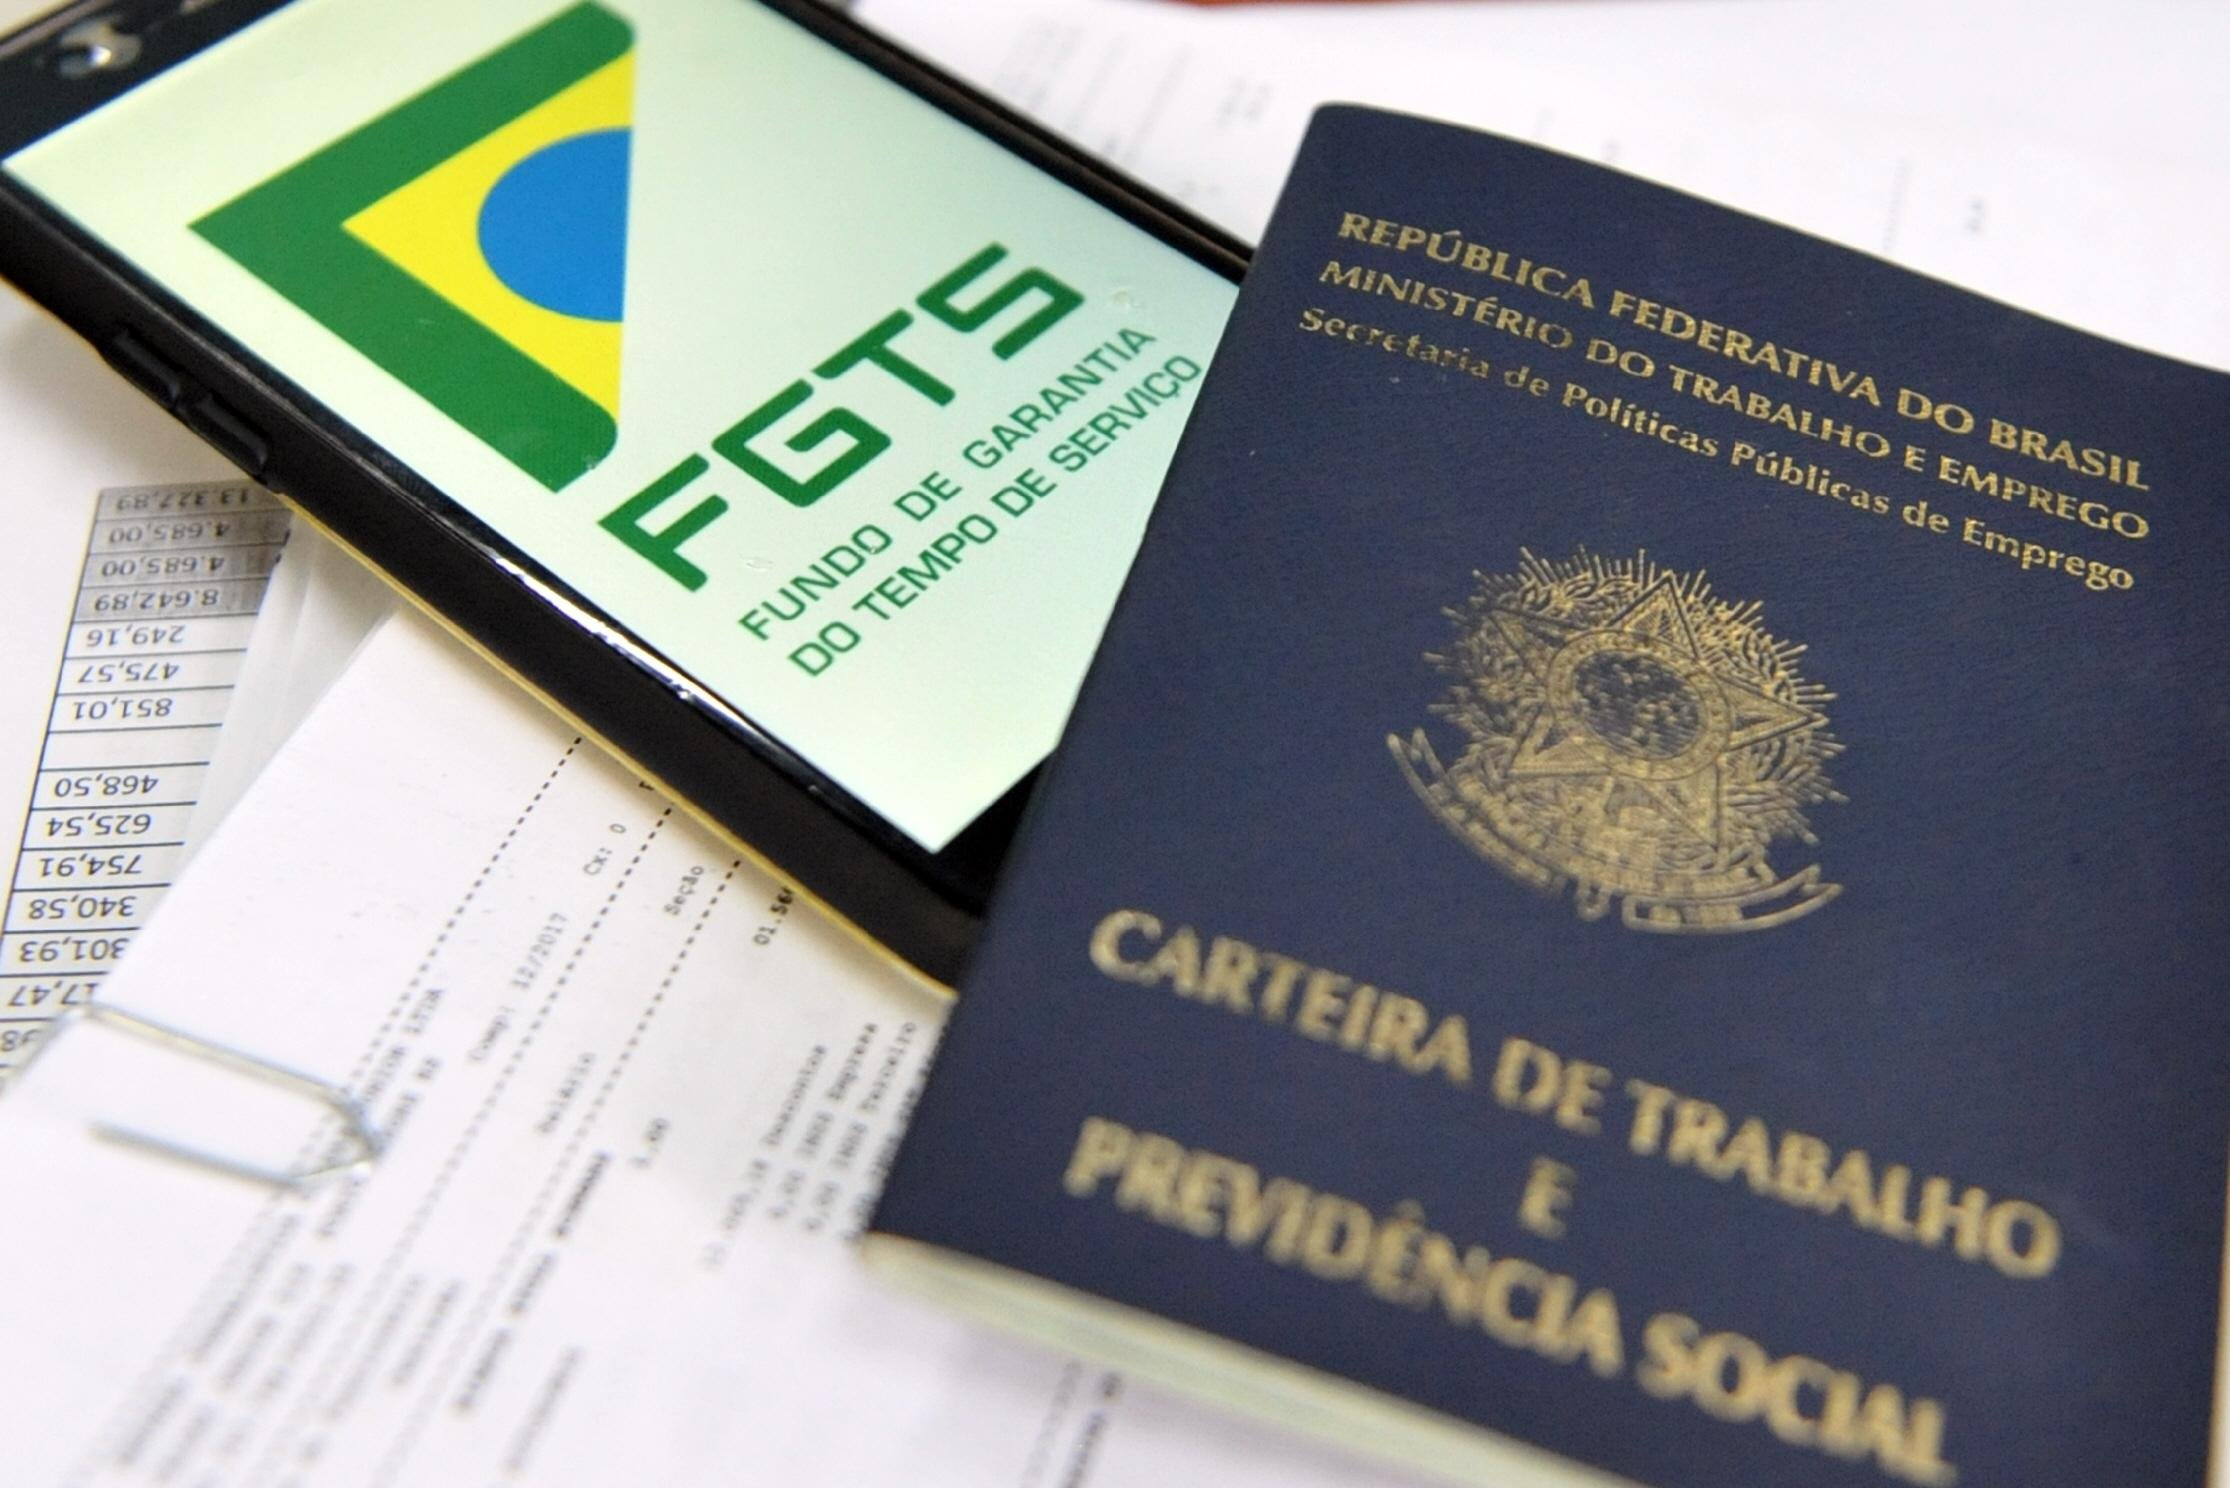 Caixa vai liberar mais de R$ 2,6 bilhões em saque complementar do FGTS